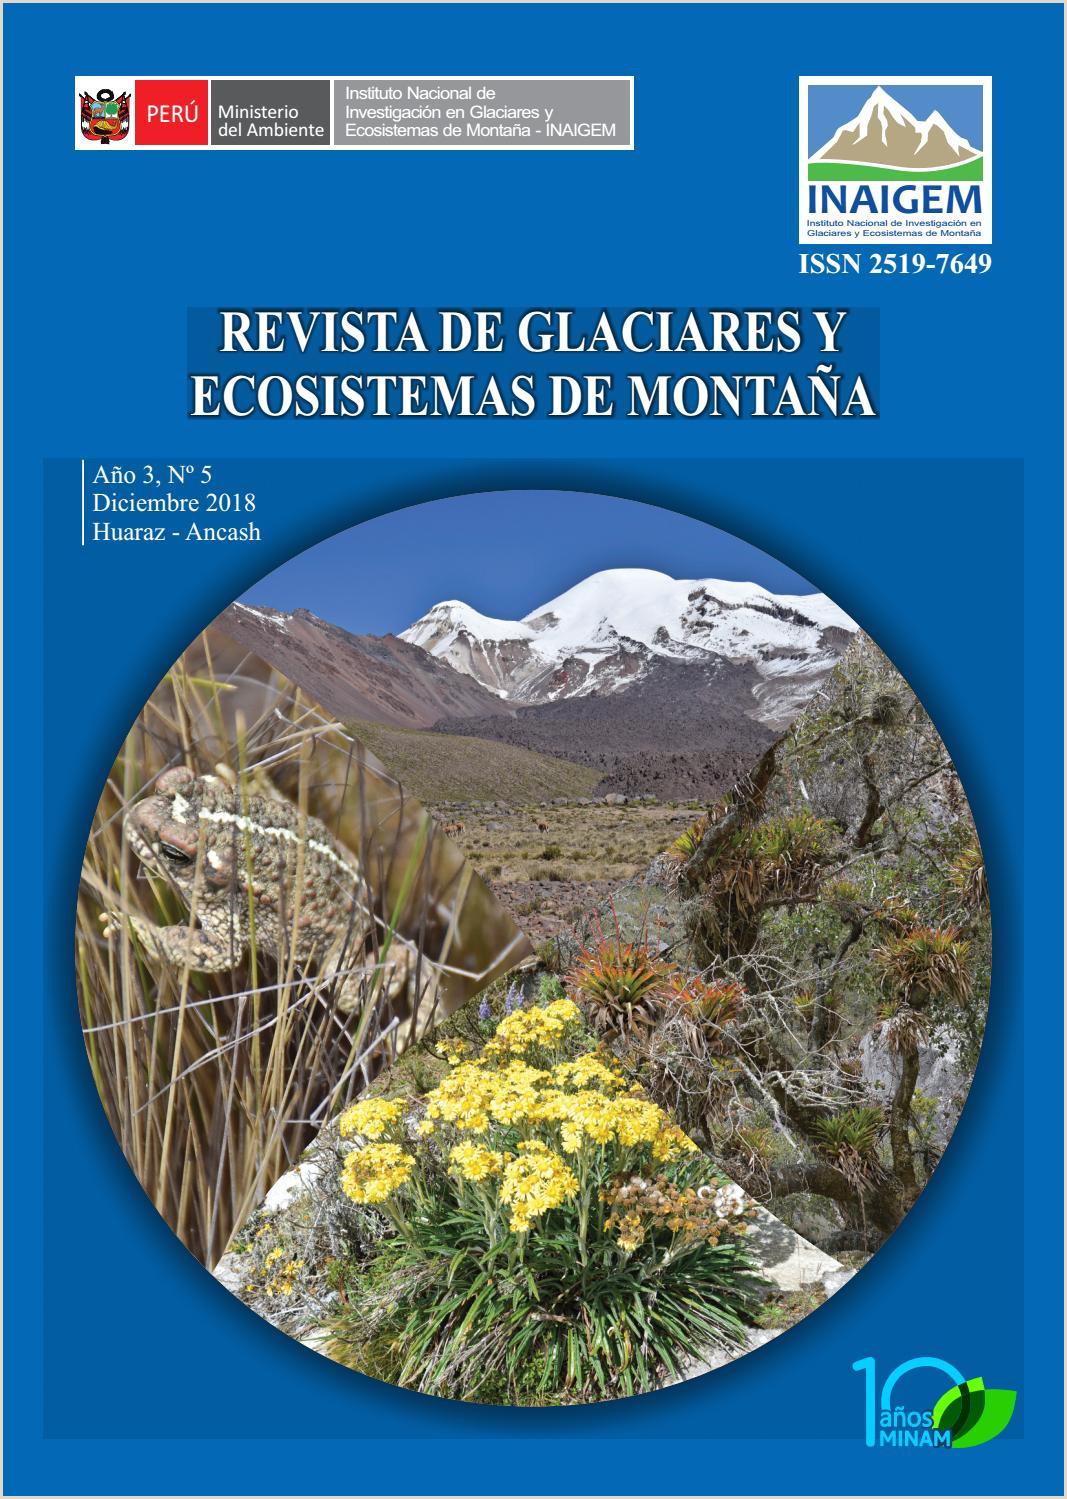 Revista de Glaciares y Ecosistemas de Monta±a by INAIGEM issuu